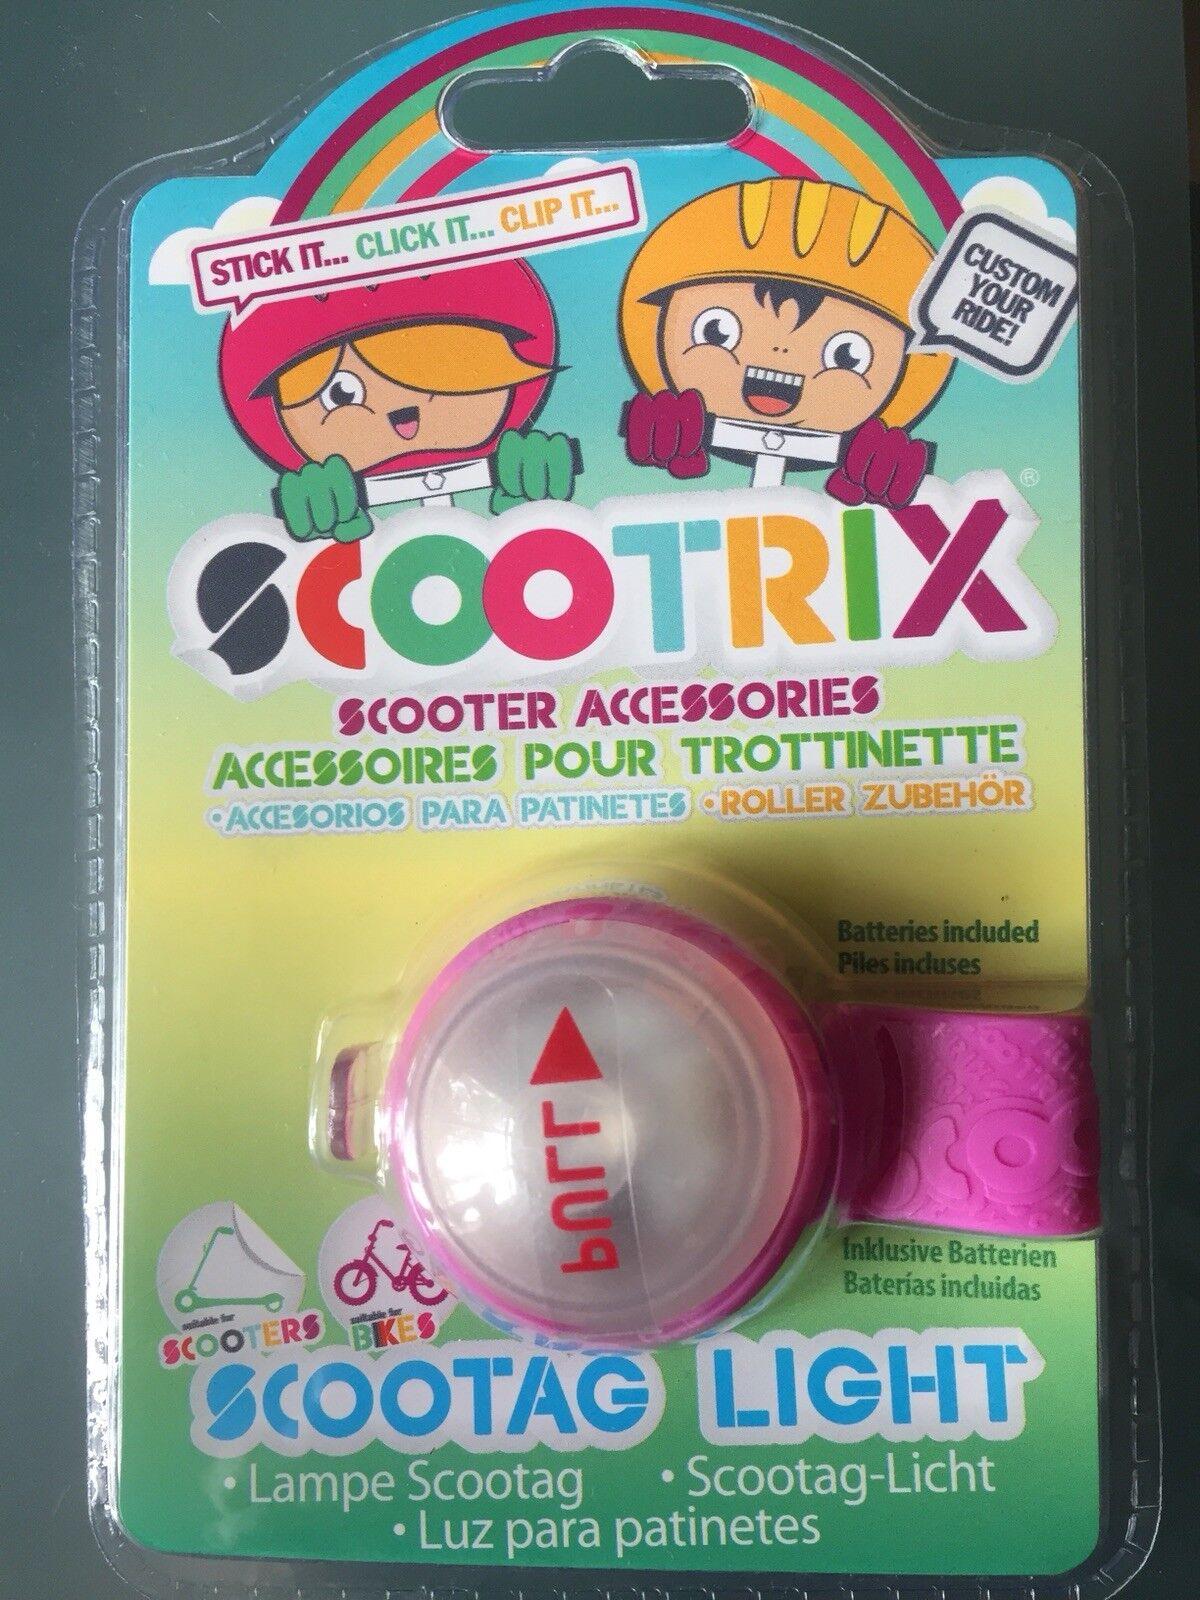 80 x scootrix scootag kinder silikon - roller und fahrrad licht machen.